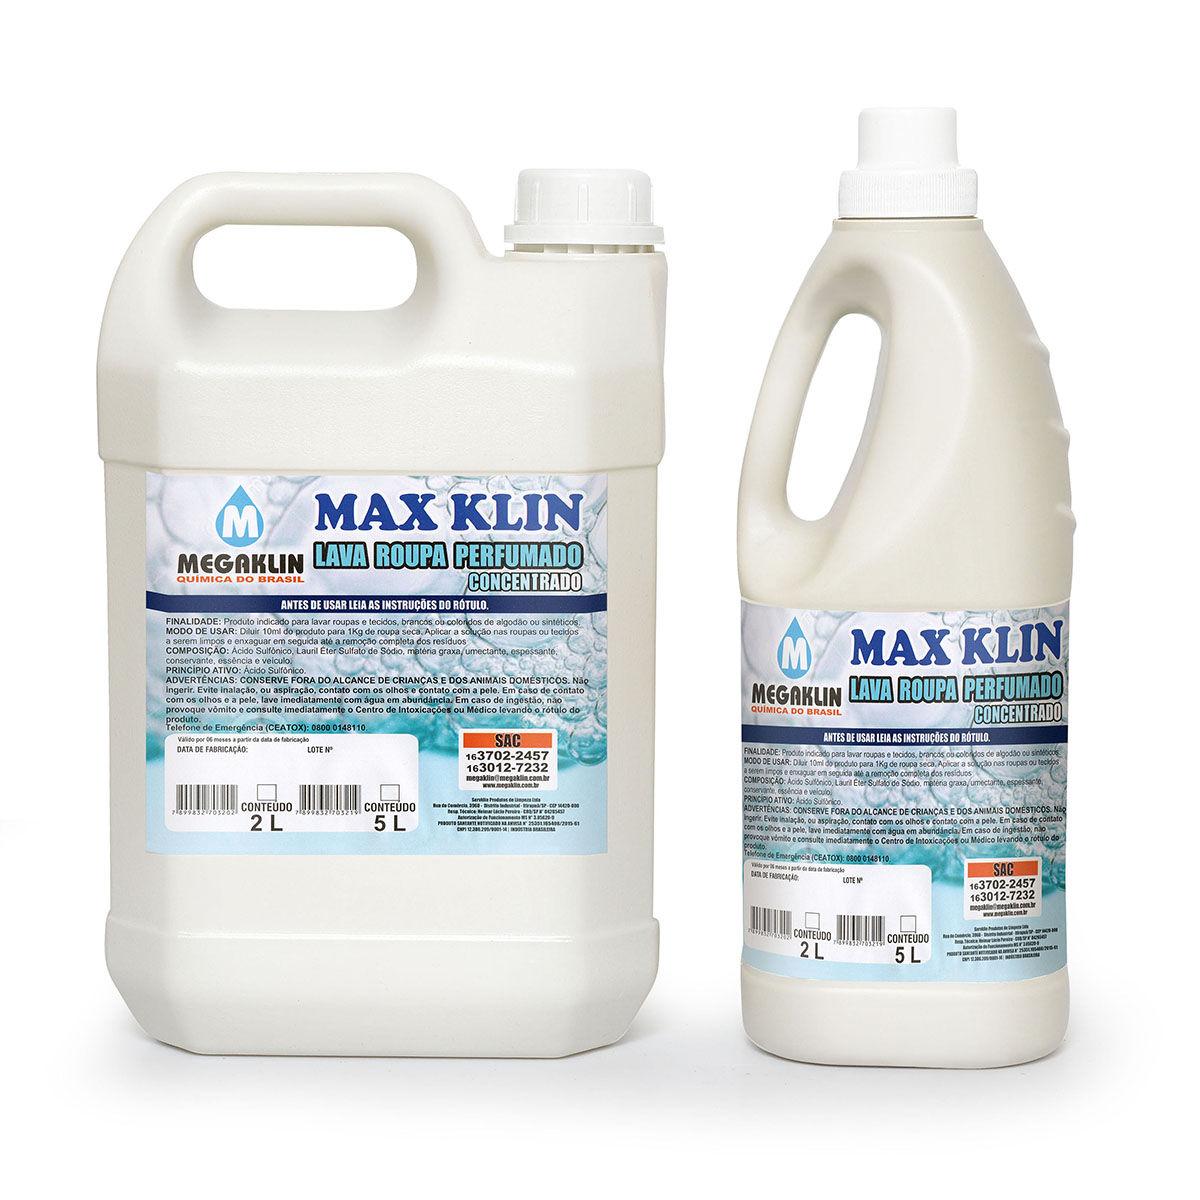 Lava Roupas Perfumado Concentrado Max Klin Megaklin